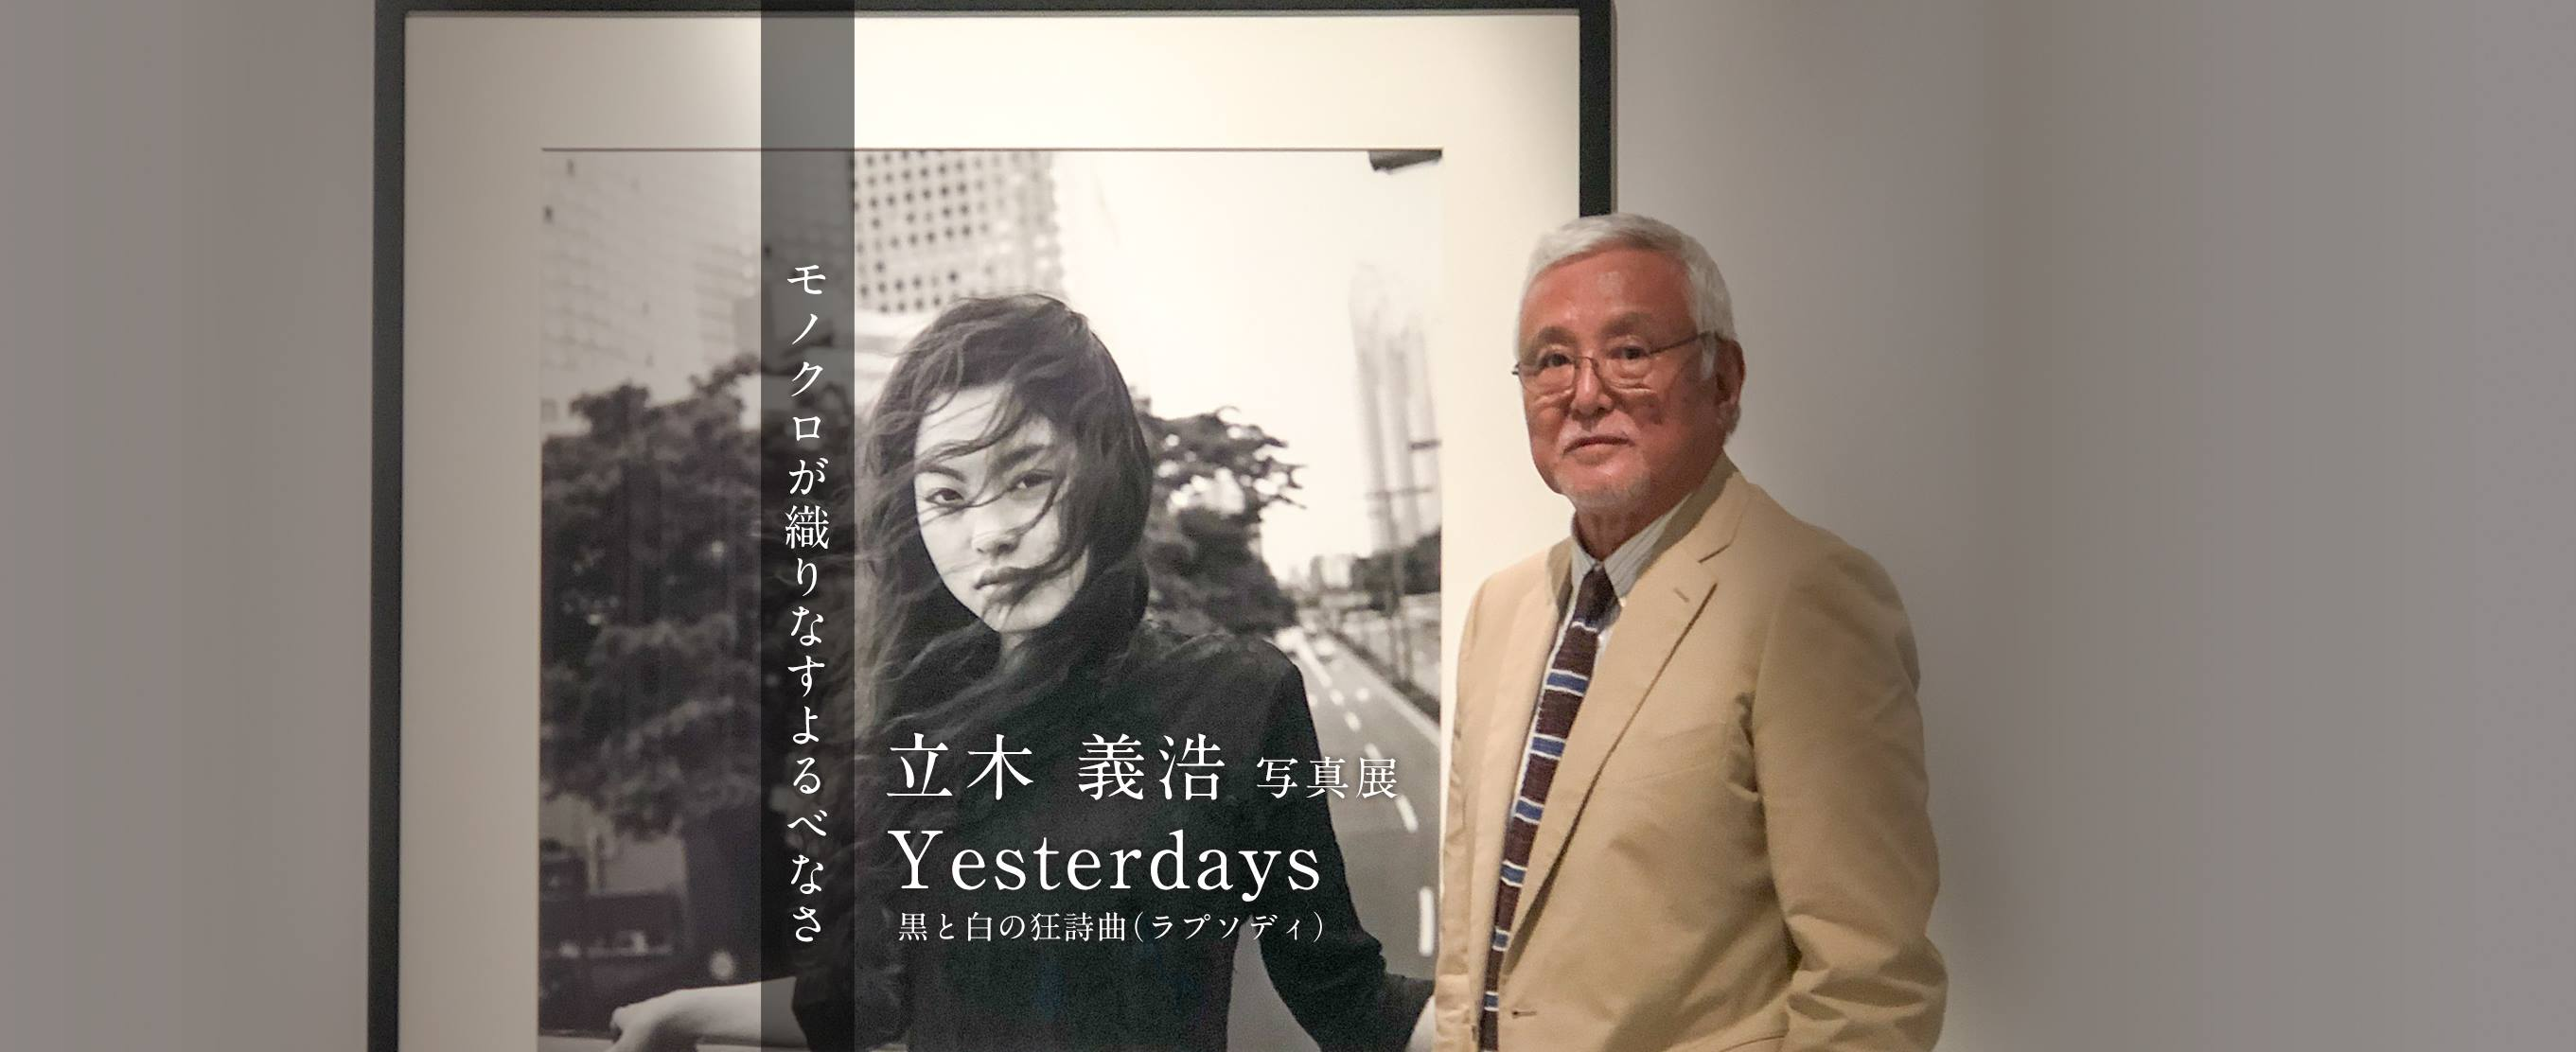 モノクロが織りなすよるべなさ 立木義浩写真展『Yesterdays 黒と白の狂詩曲(ラプソディ)』